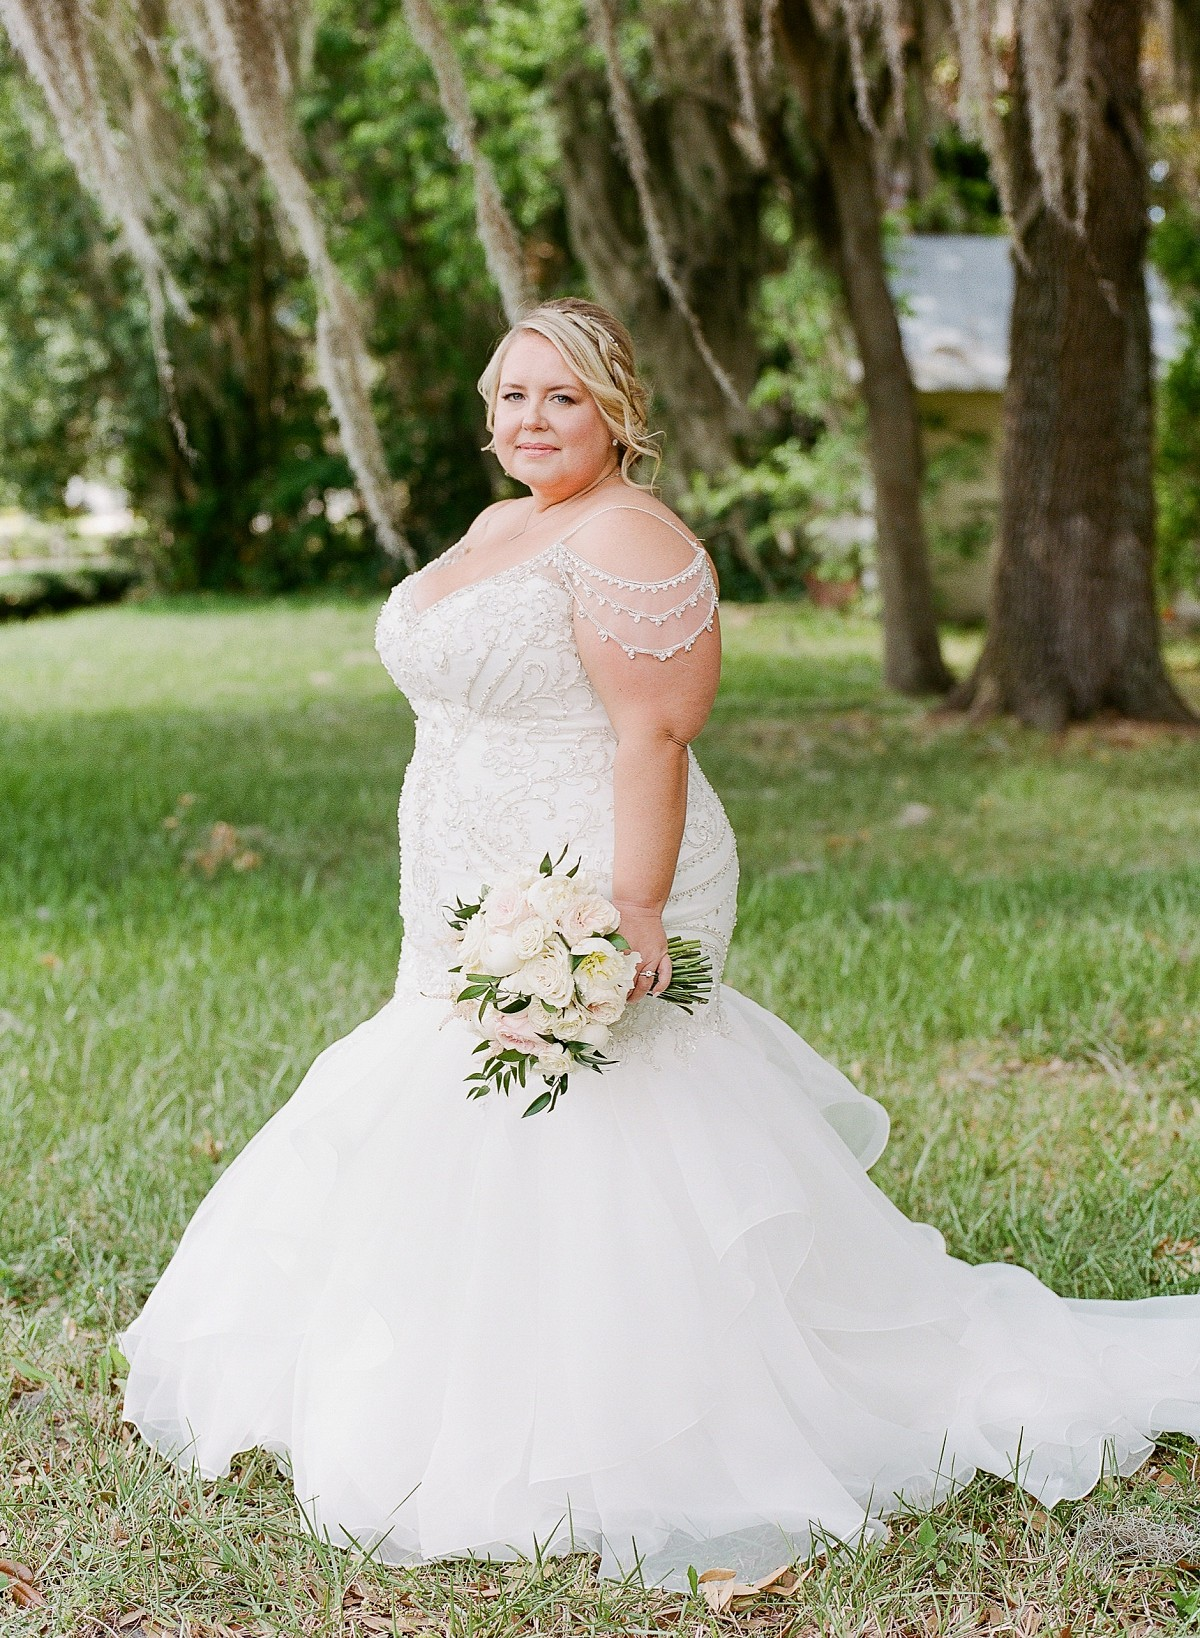 Intimate home garden wedding in Orlando, FL